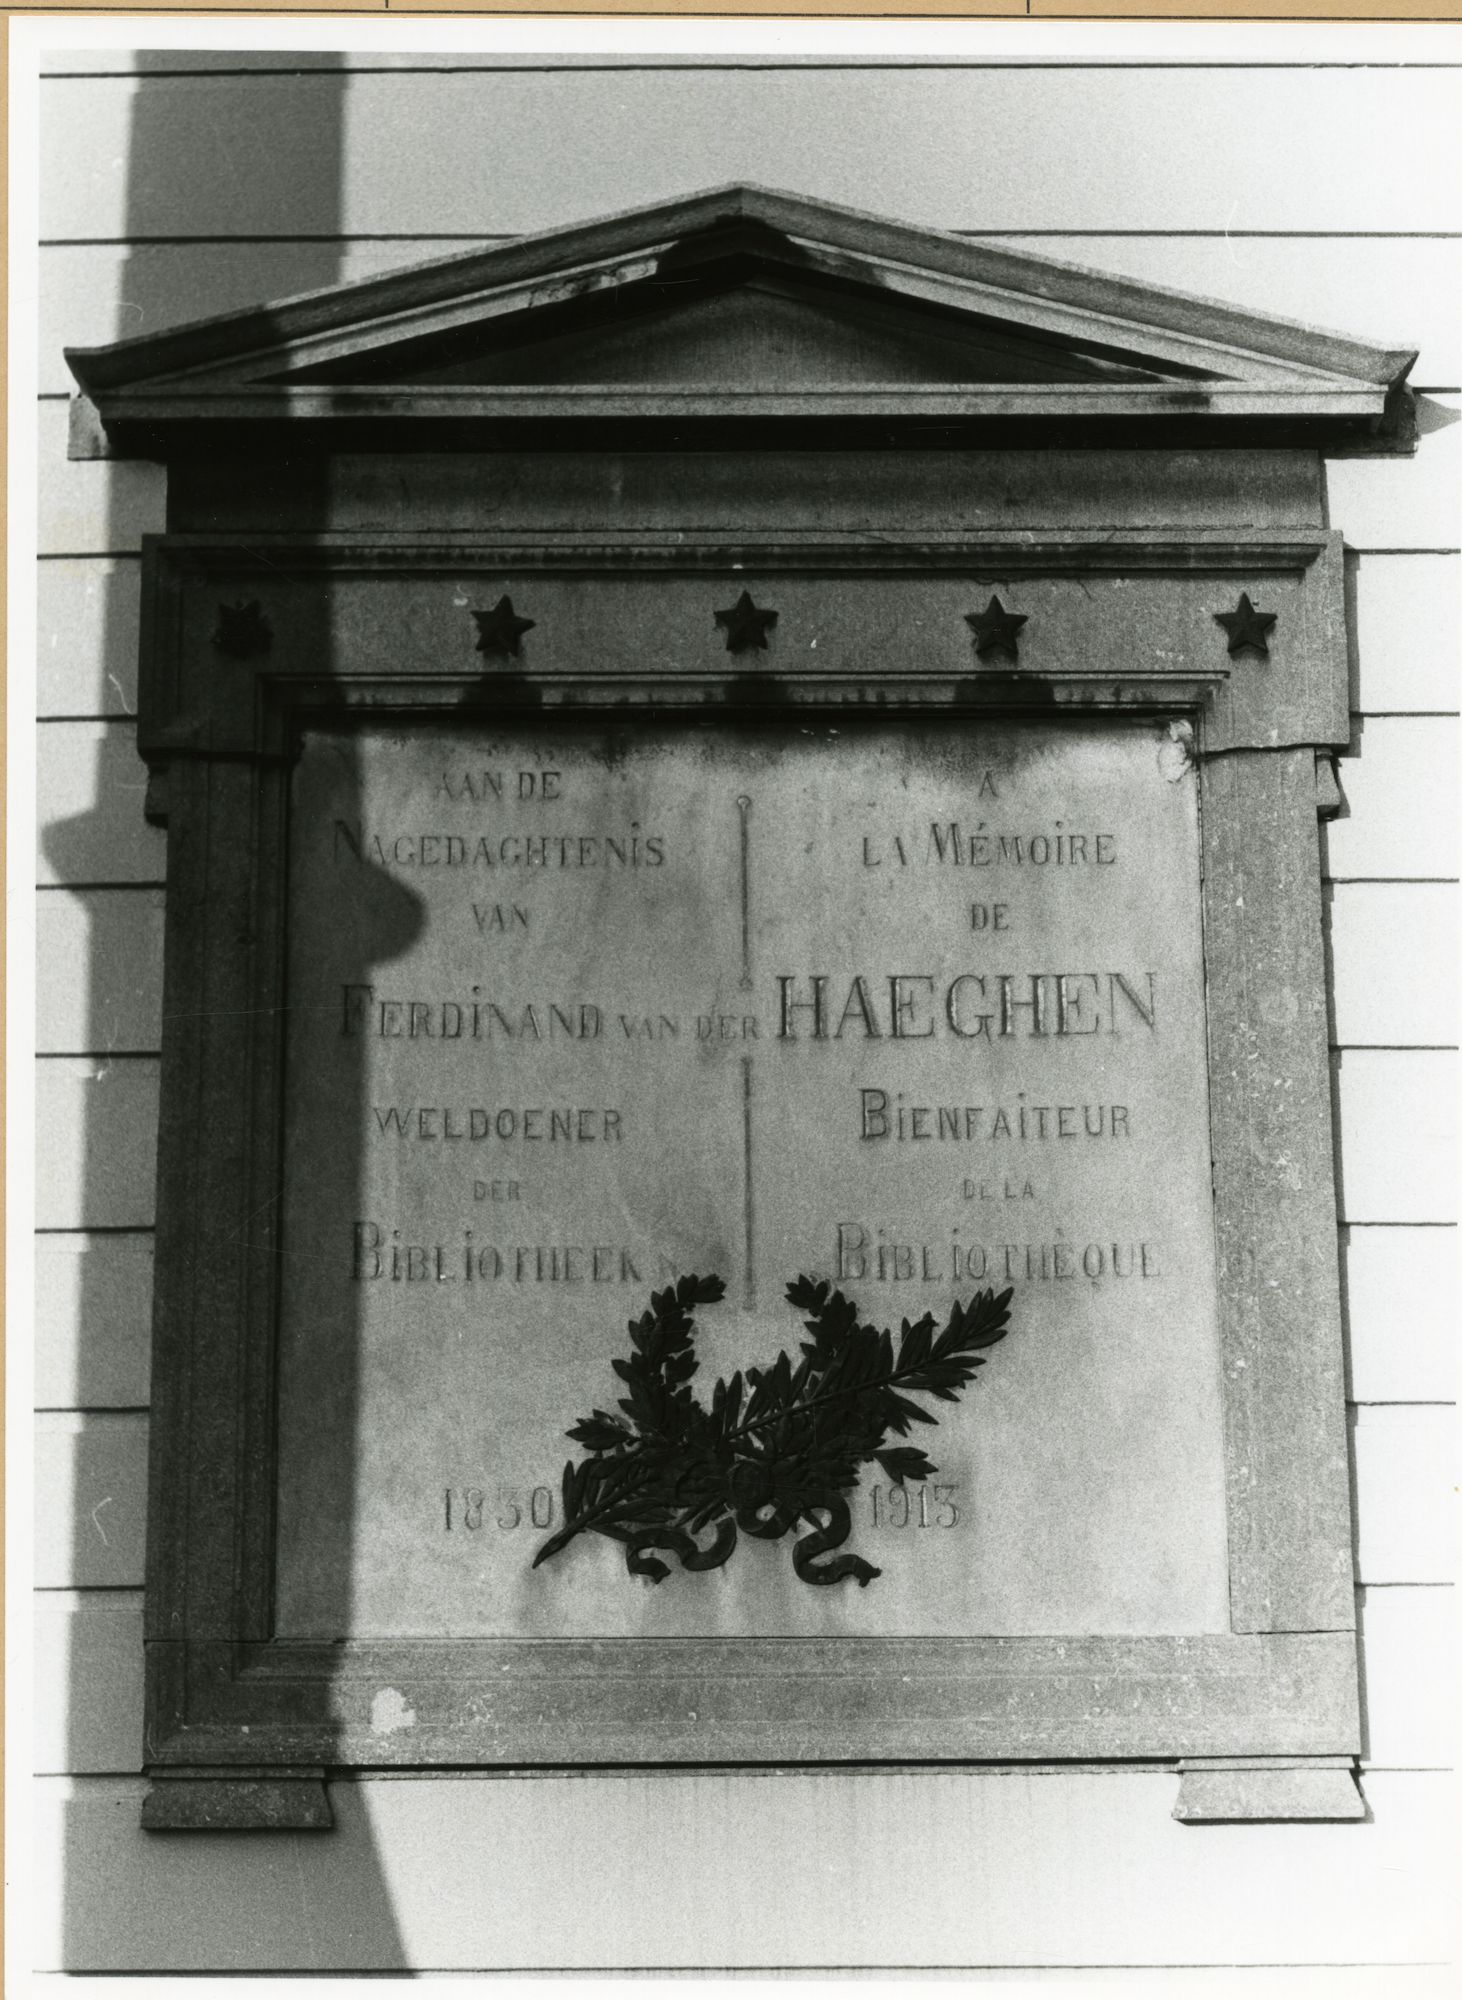 Gent: Bibliotheekstraat - Ottogracht: Baudeloabdij: Gedenkplaat: Ferdinand Van Der Haeghen